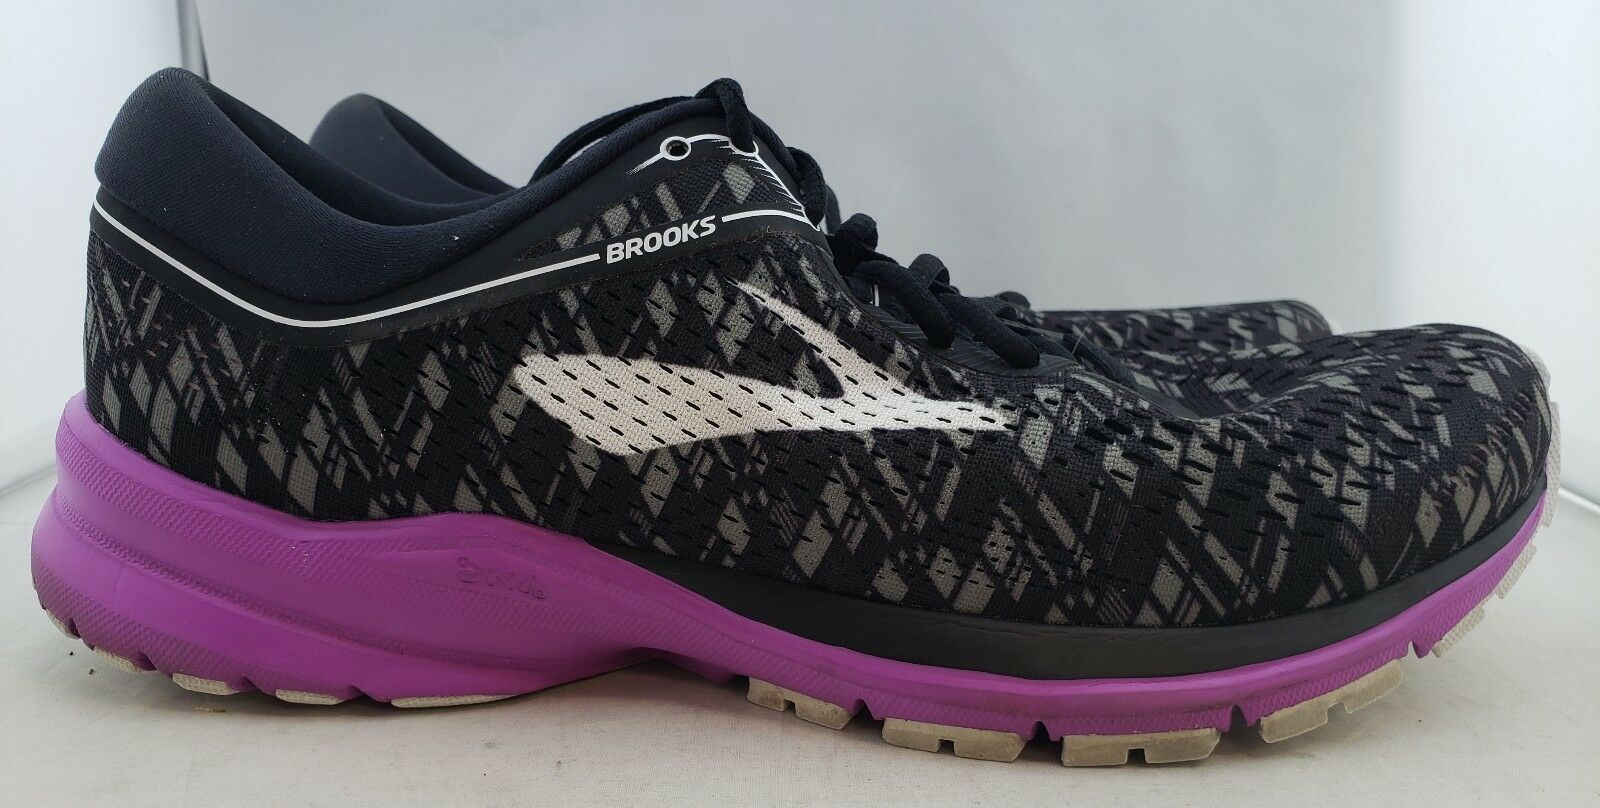 Brooks Launch 5  noir / Violet  Running Shoe femmes  US 11 Eur 43 (Q1,9)